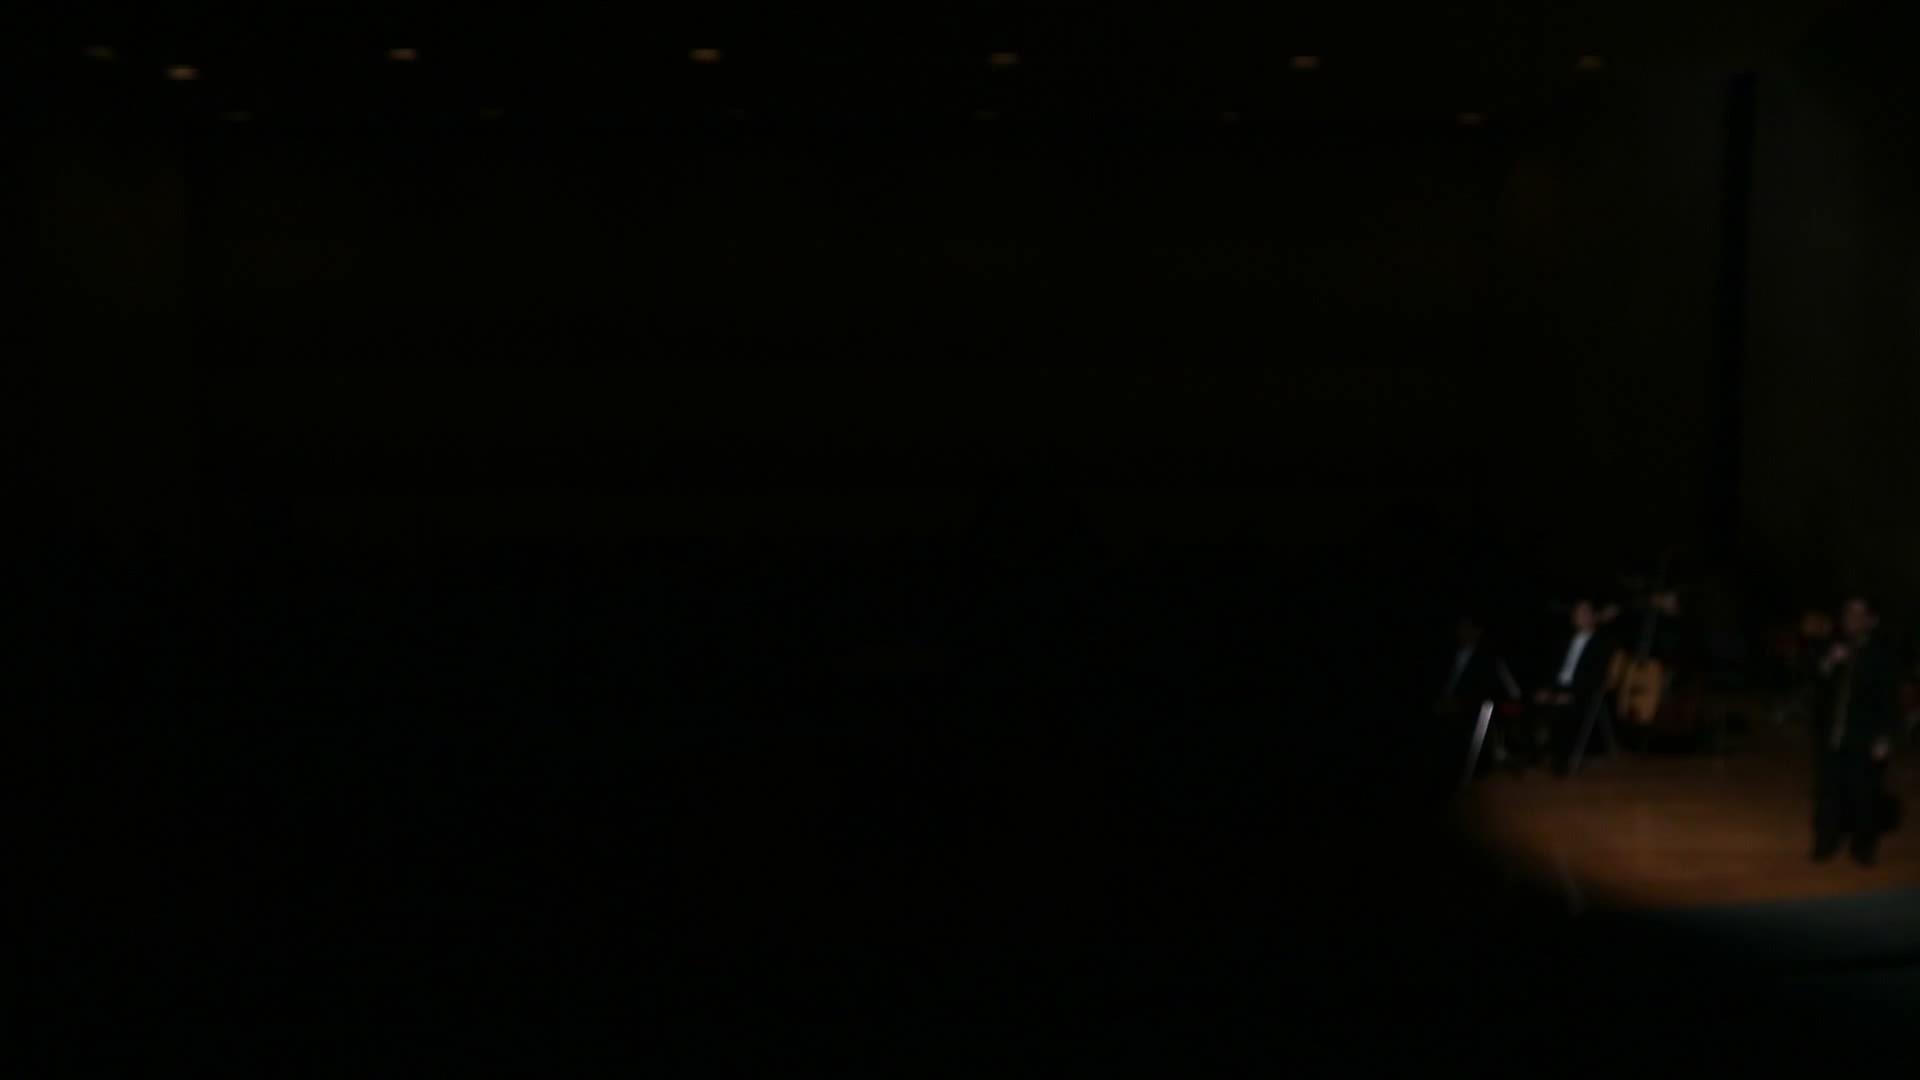 臺灣國樂團 《洄瀾之聲-寶島辦桌》-寶島辦桌組曲選段